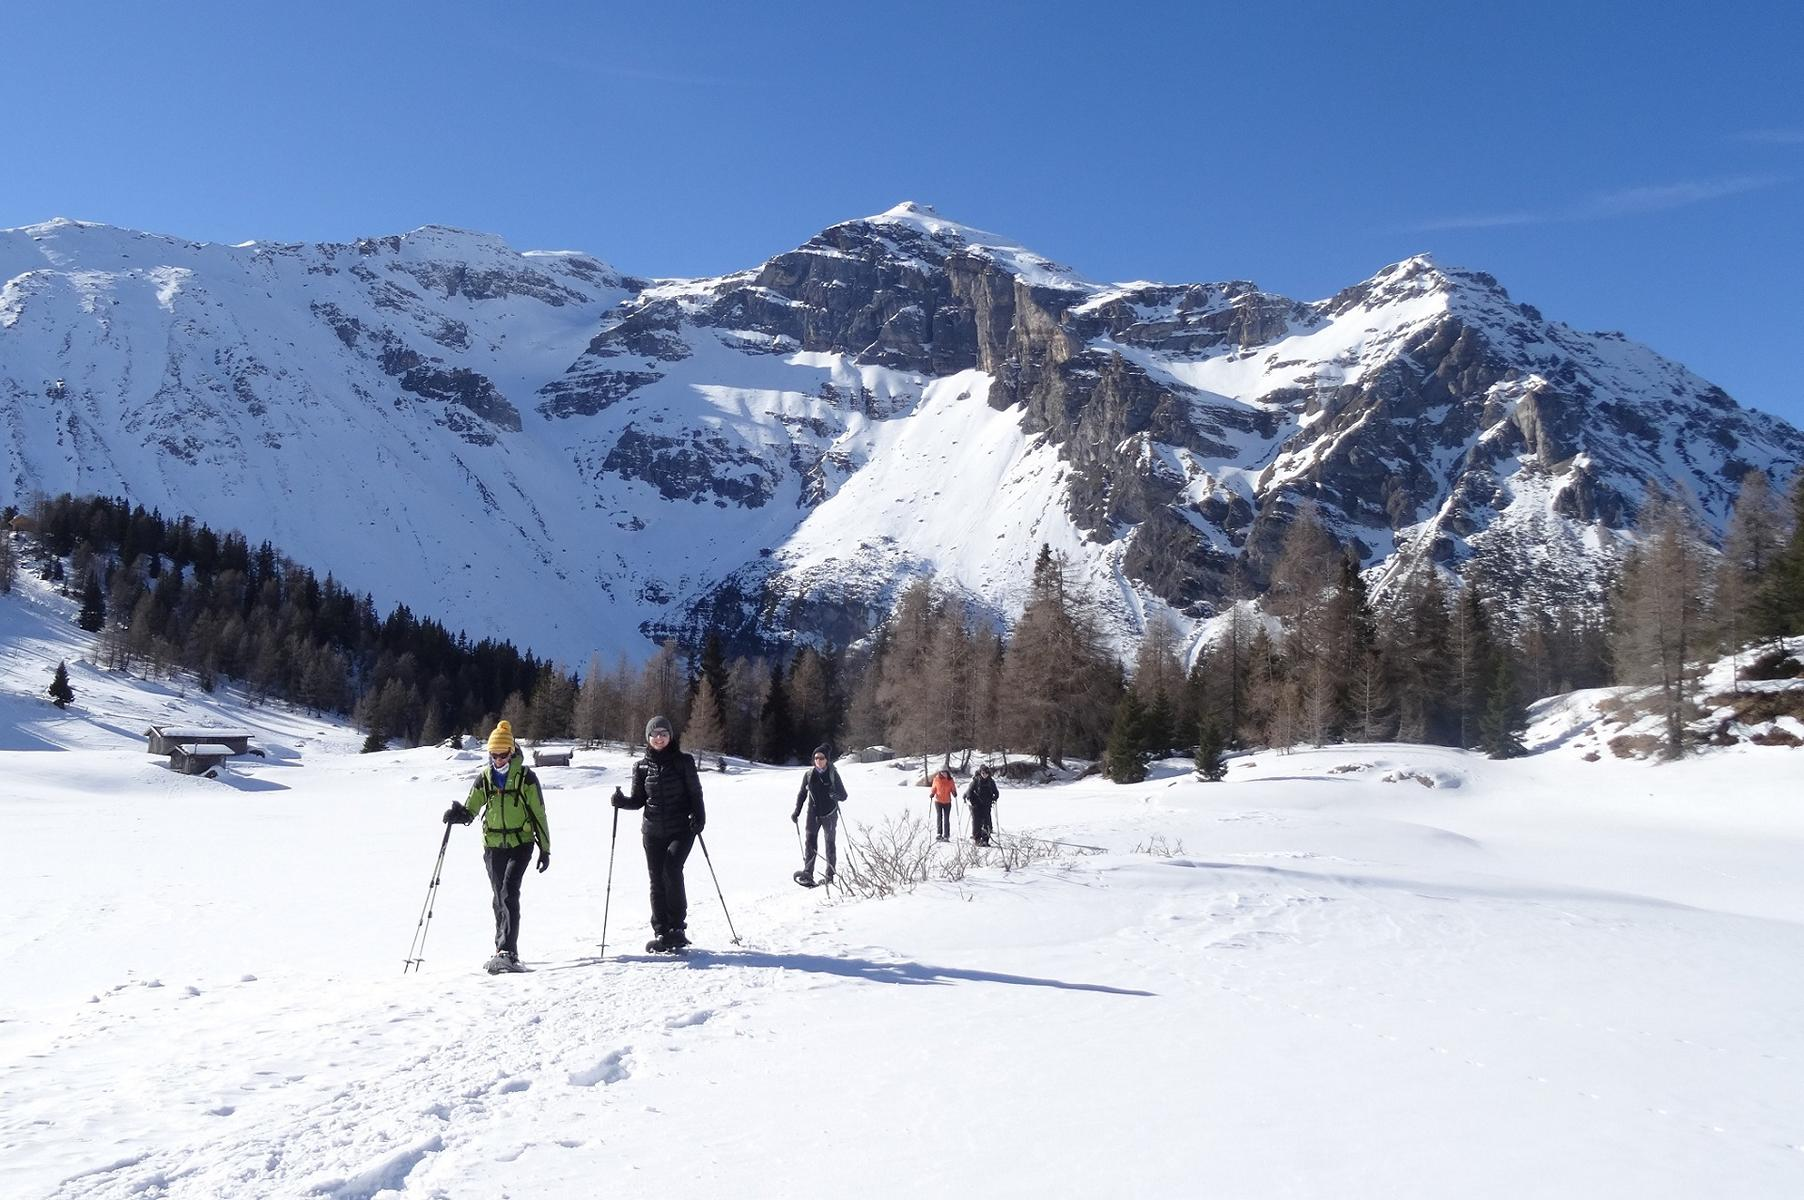 Schneeschuhwandern in Tirol, auch mit Wanderführer